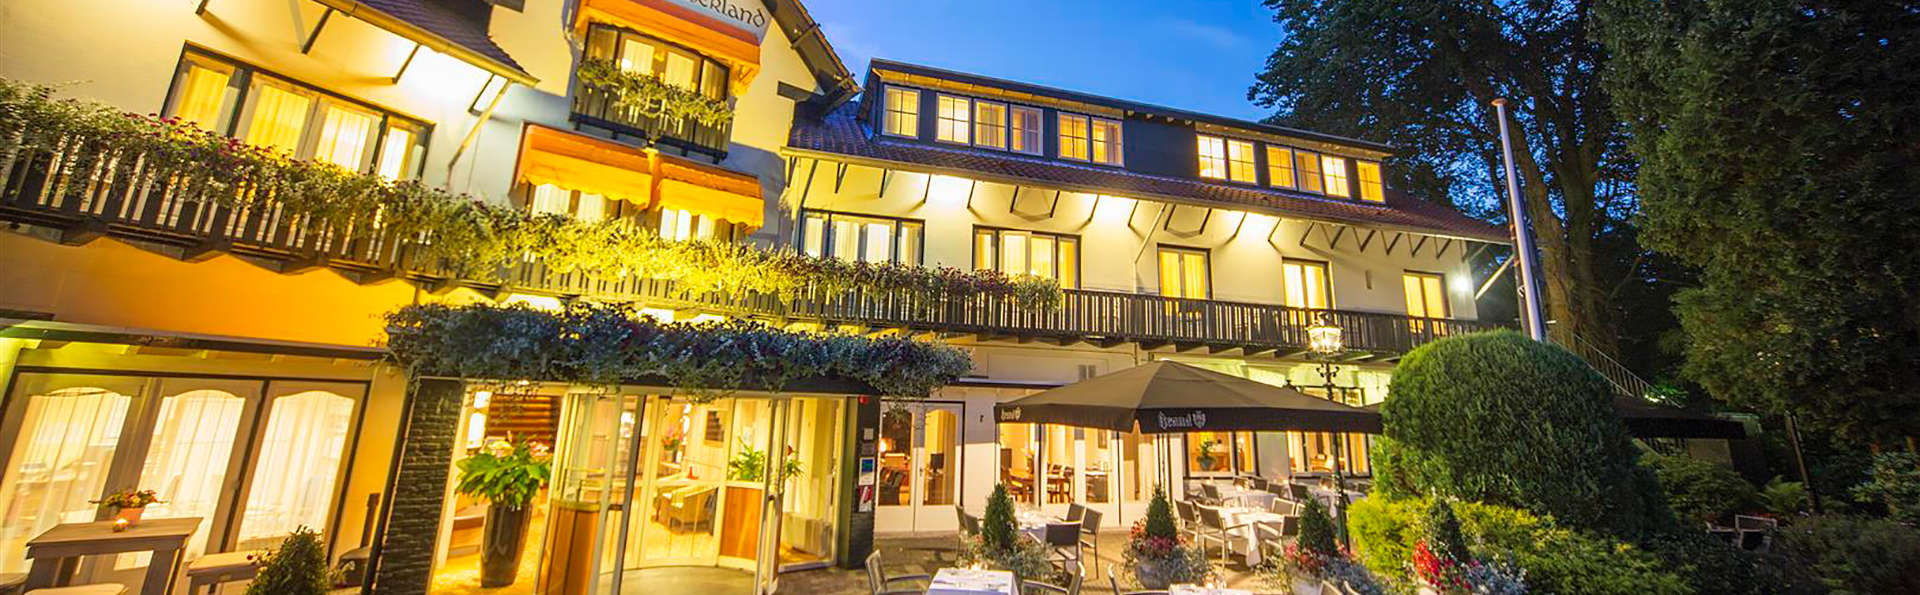 Fletcher Hotel Klein Zwitserland - Edit_Front3.jpg